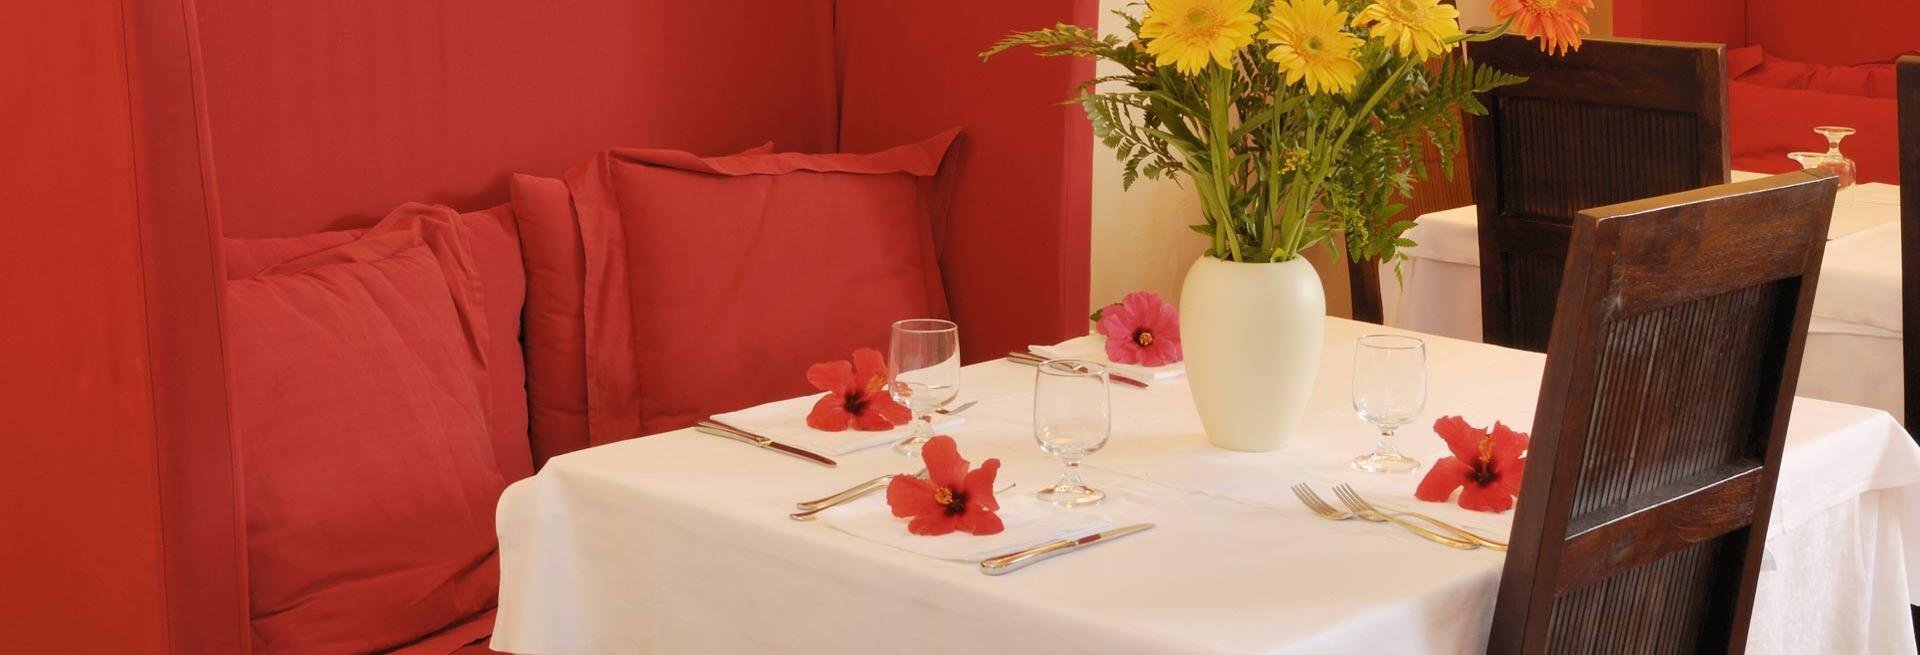 hotelcalarosa fr restaurant 014